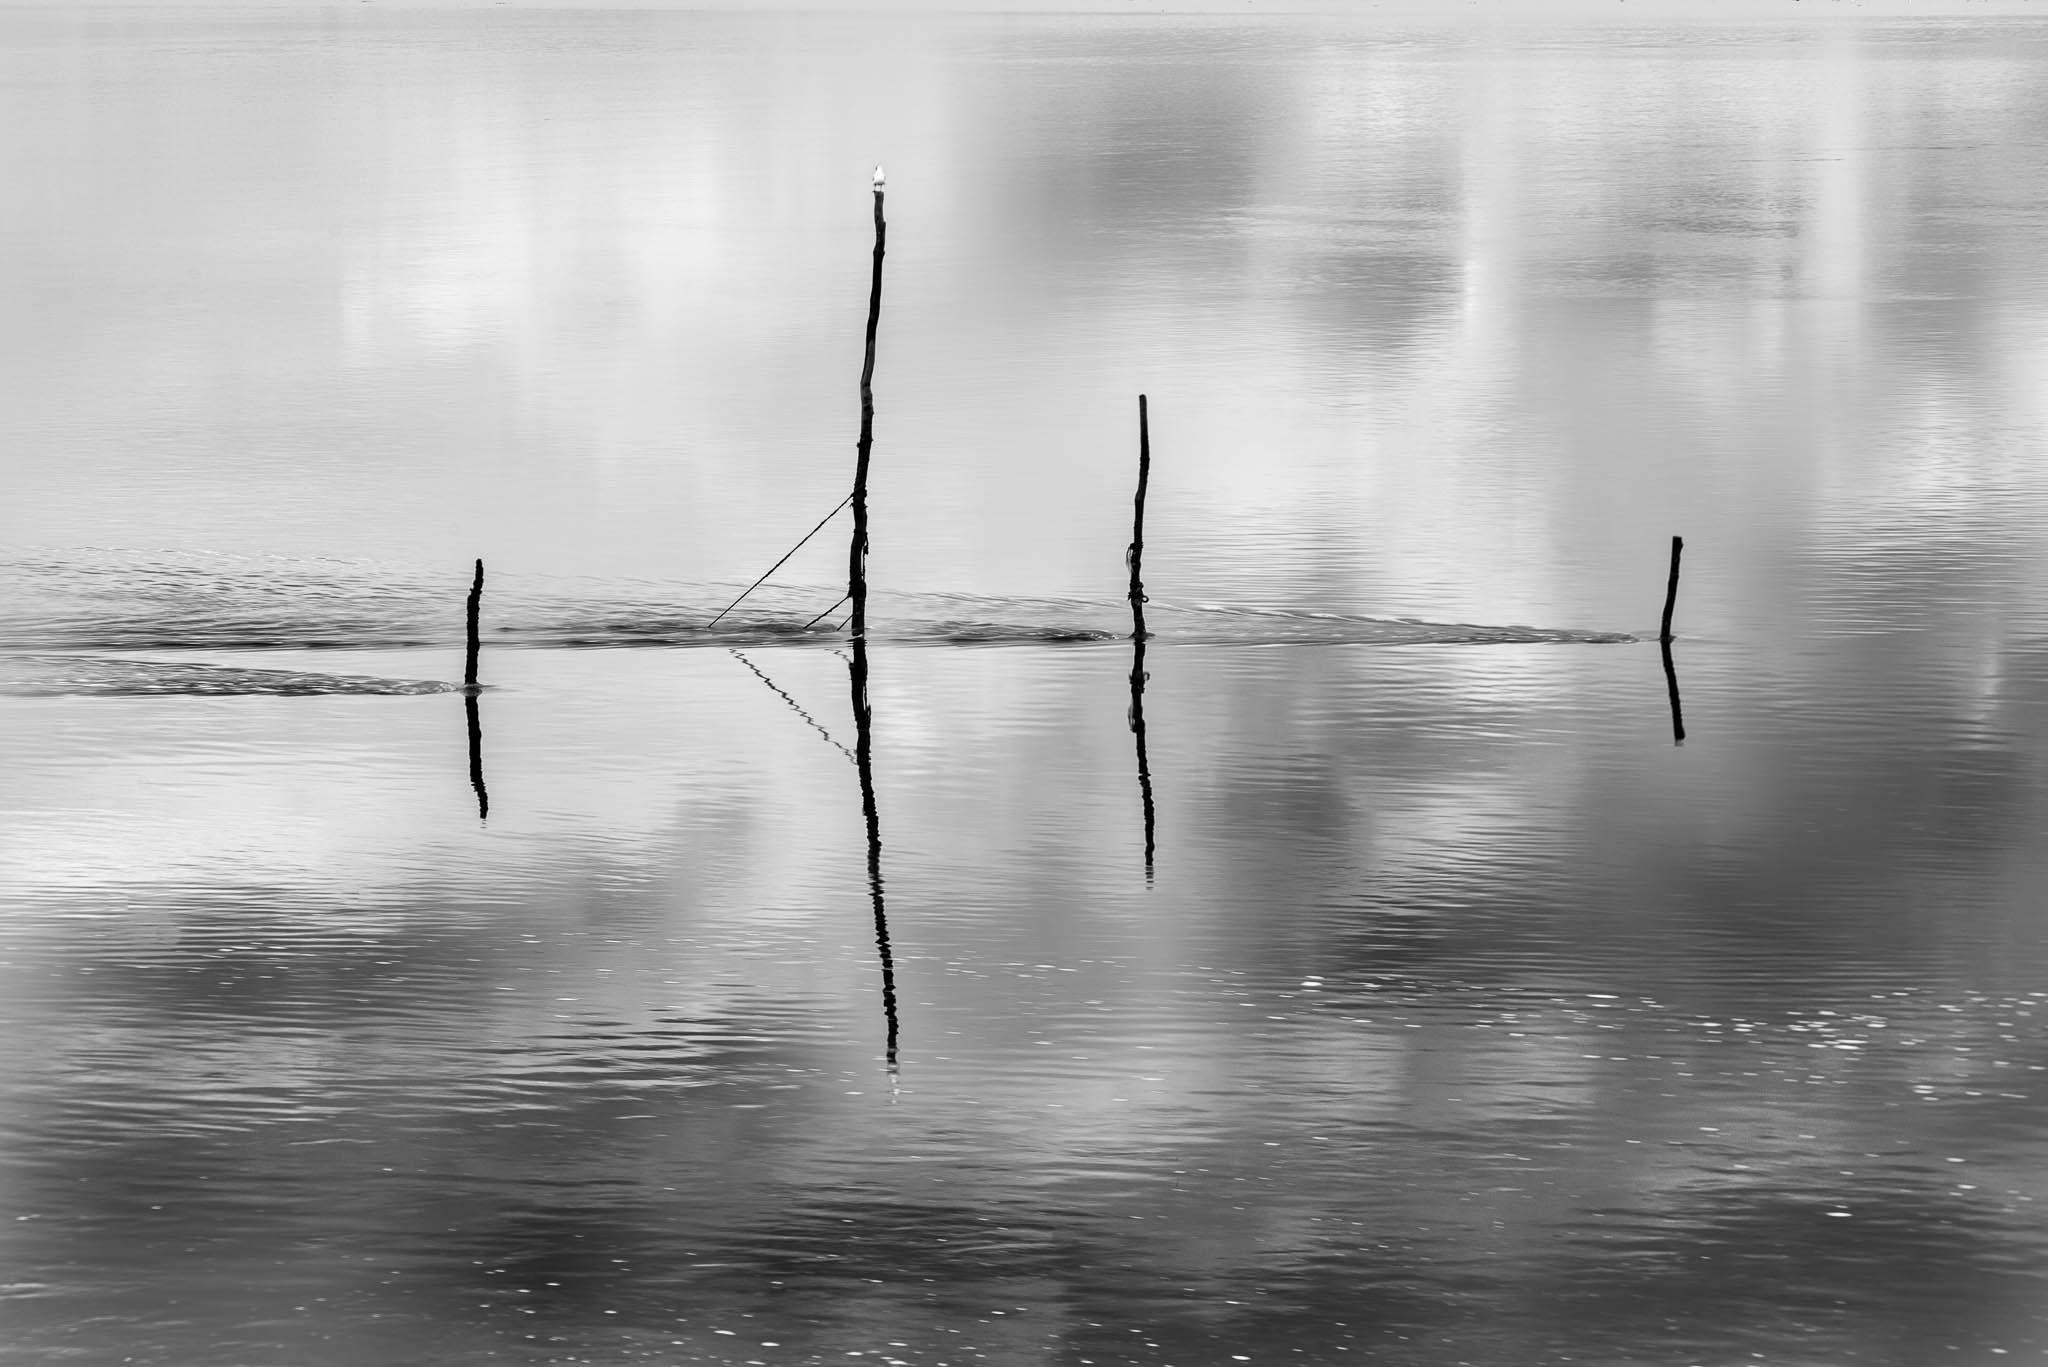 Fishing Poles, United Kingdom